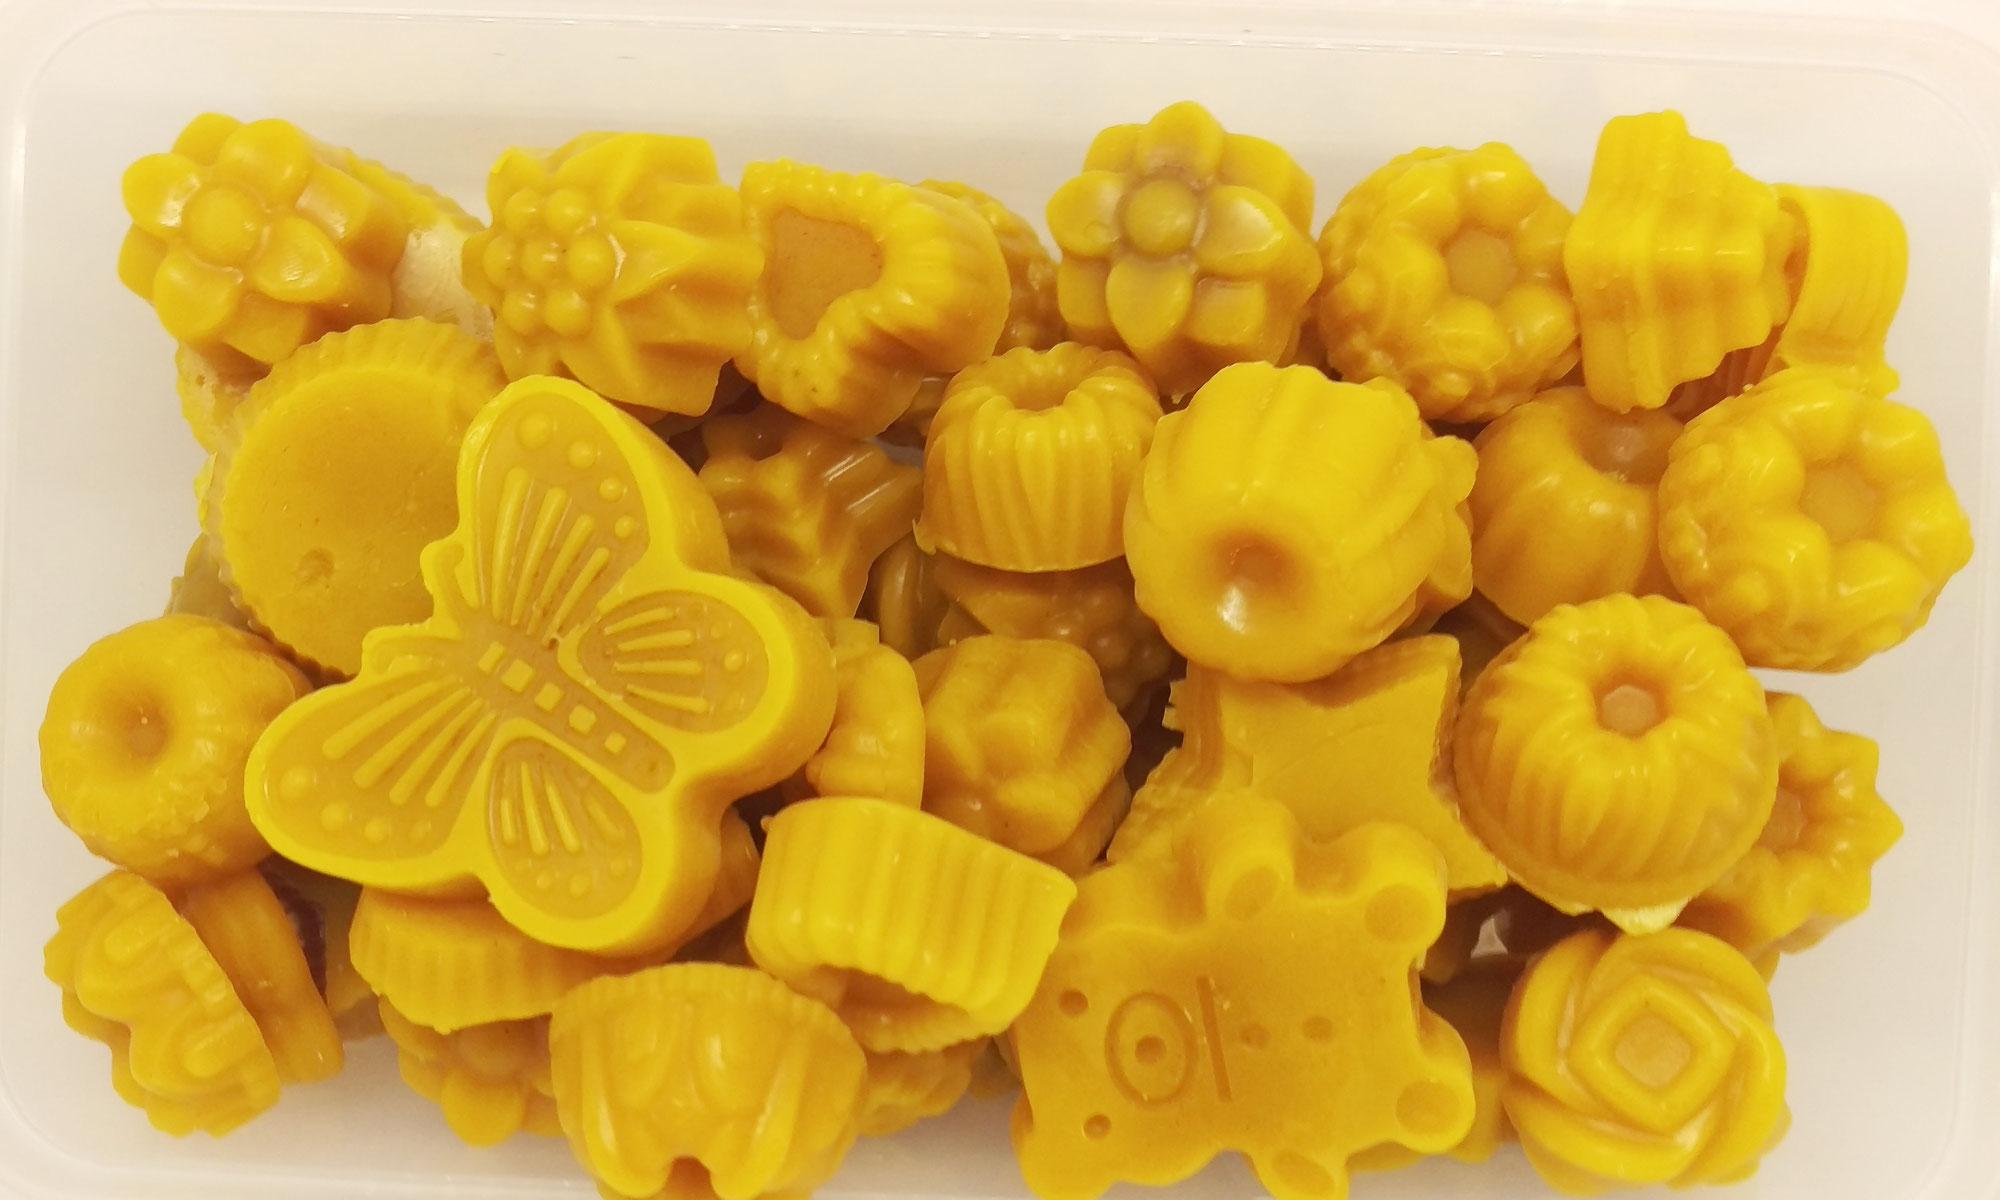 Wertvolles Naturprodukt: Das Bienenwachs